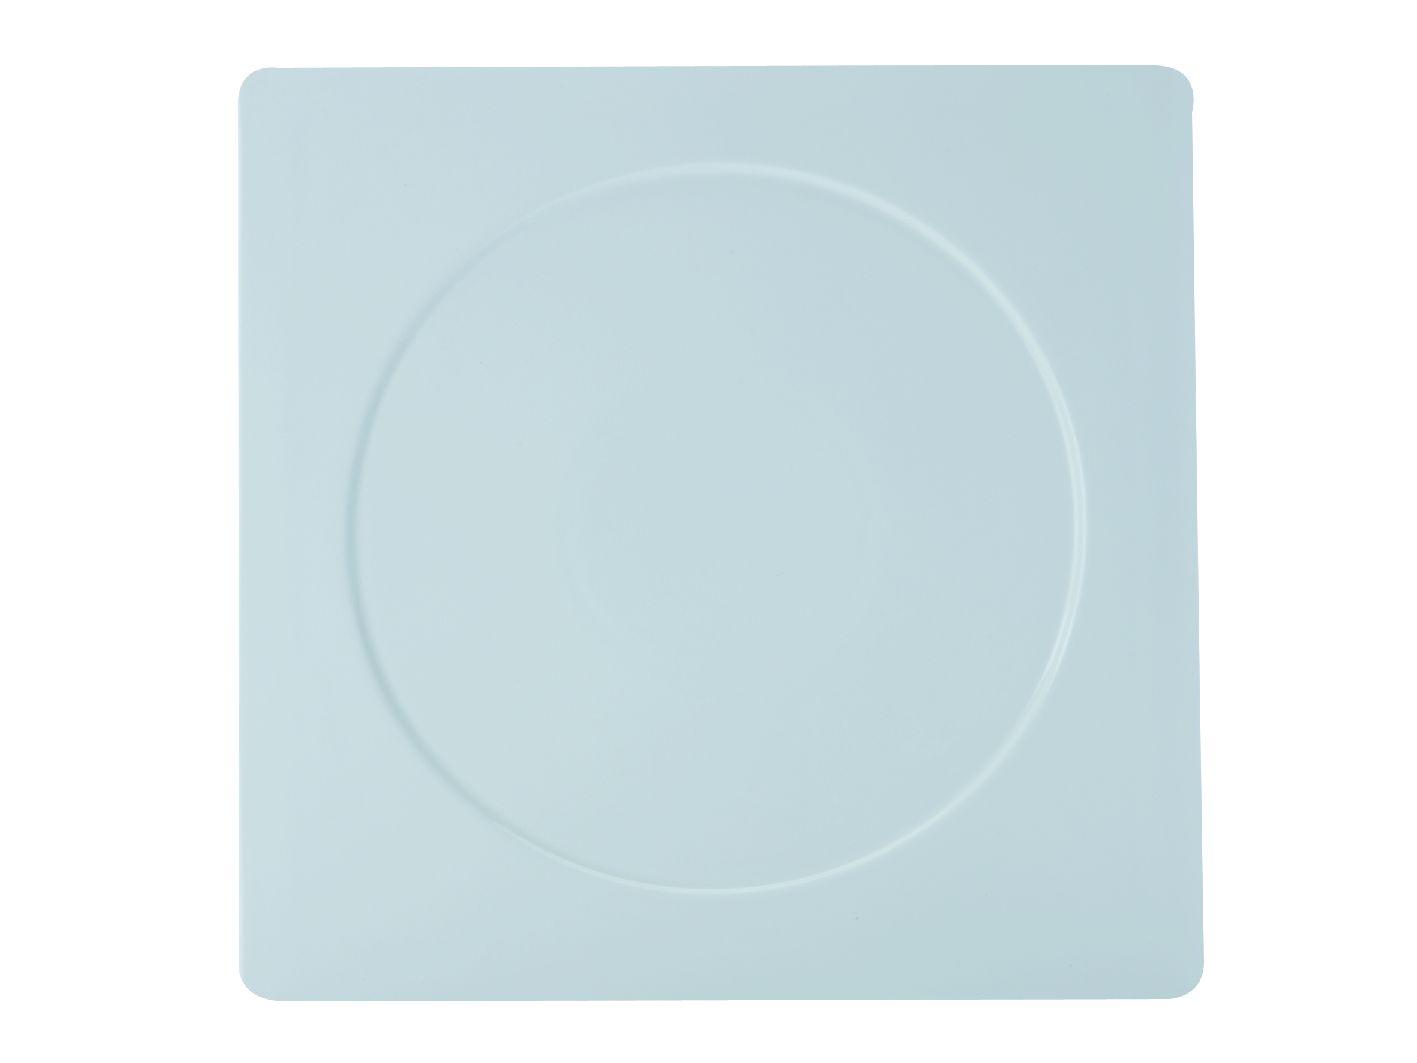 Porcelánový Čtvercový talíř motiv kruh Metrix 30,5 cm - Maxwell&Williams